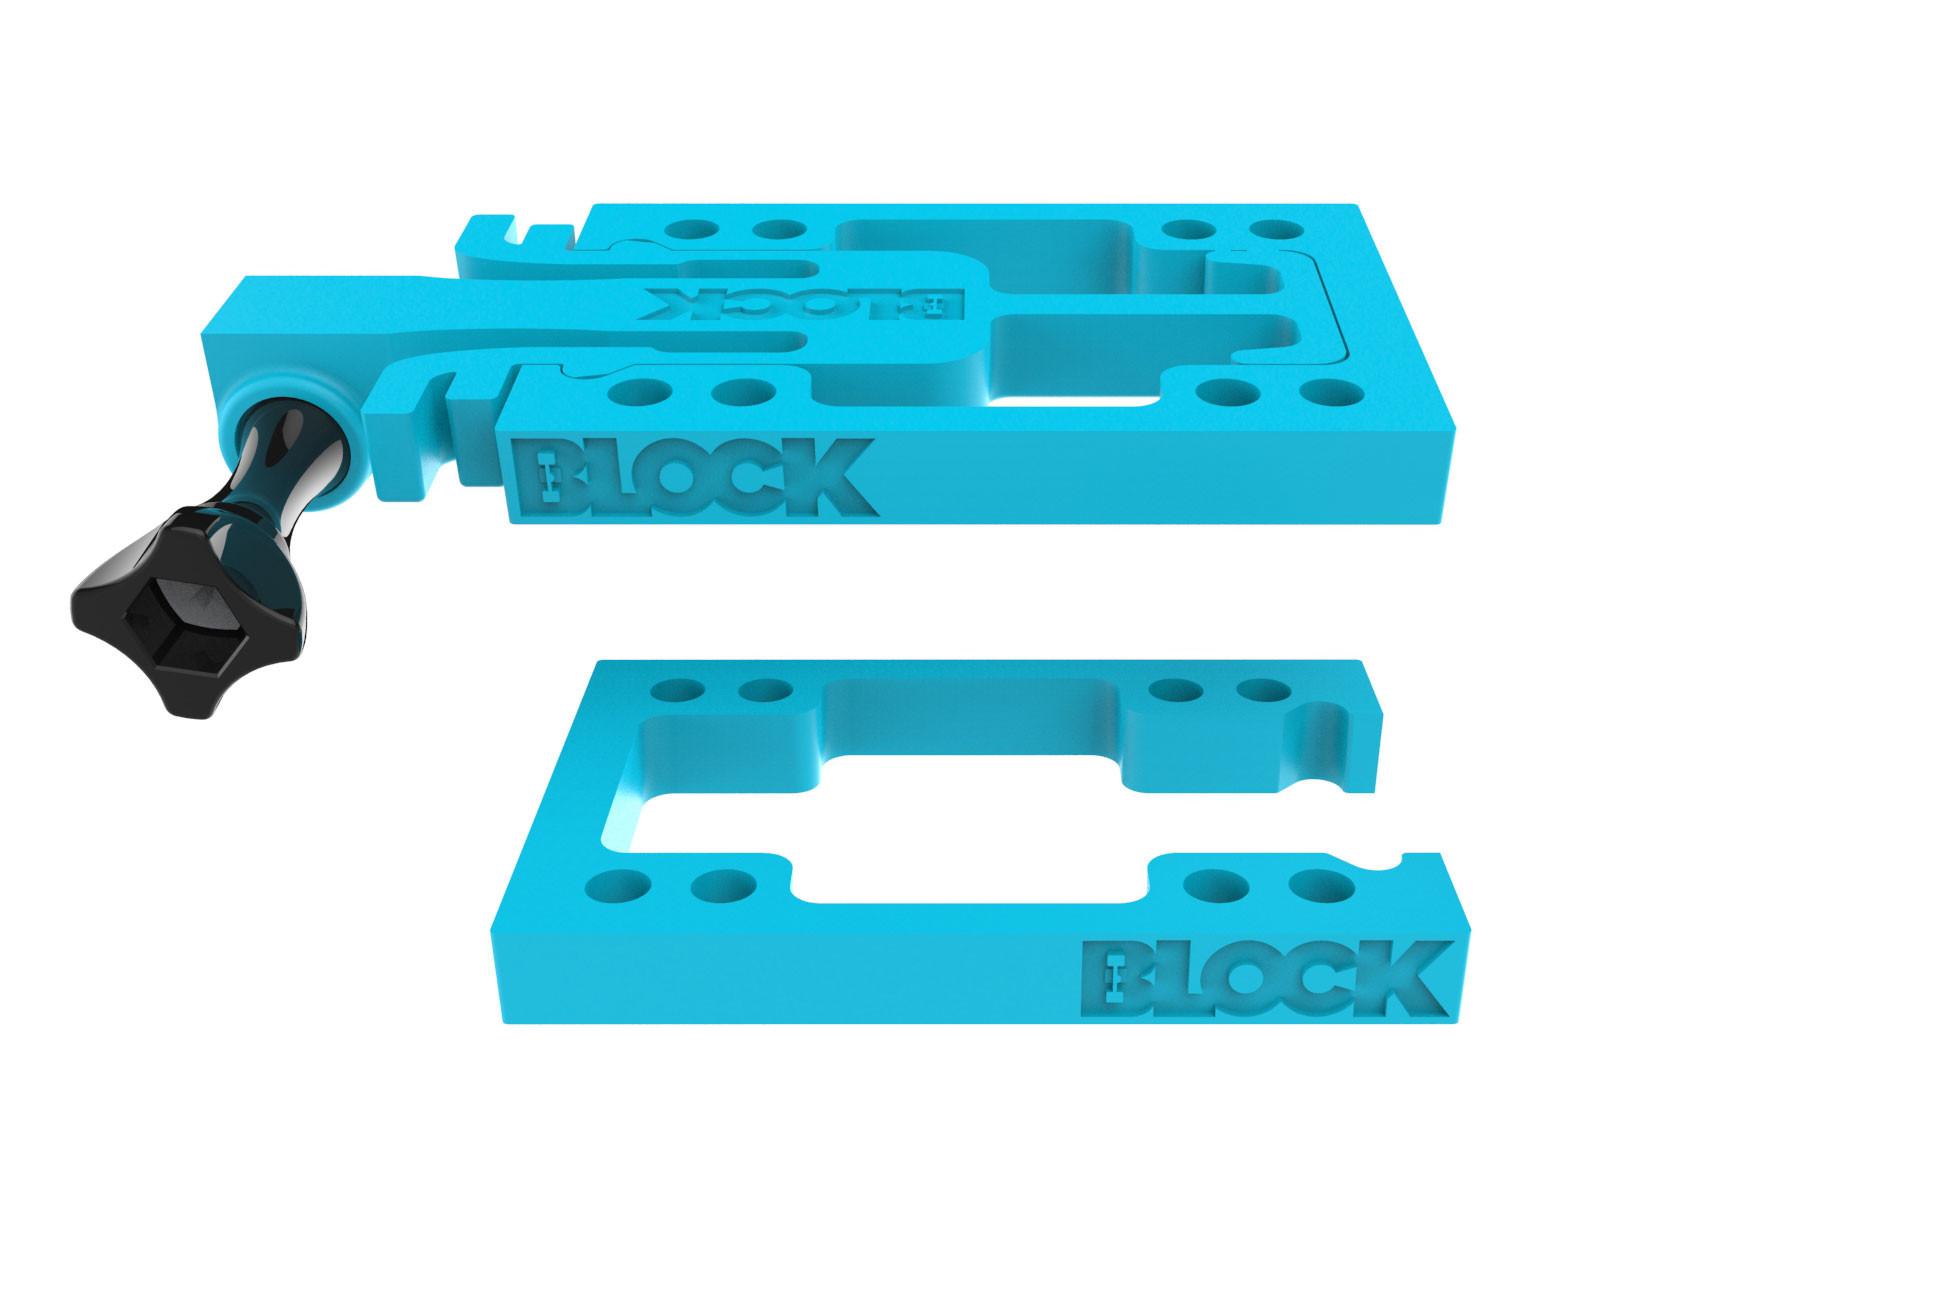 BLOCK Risers for Your Custom Skateboard!